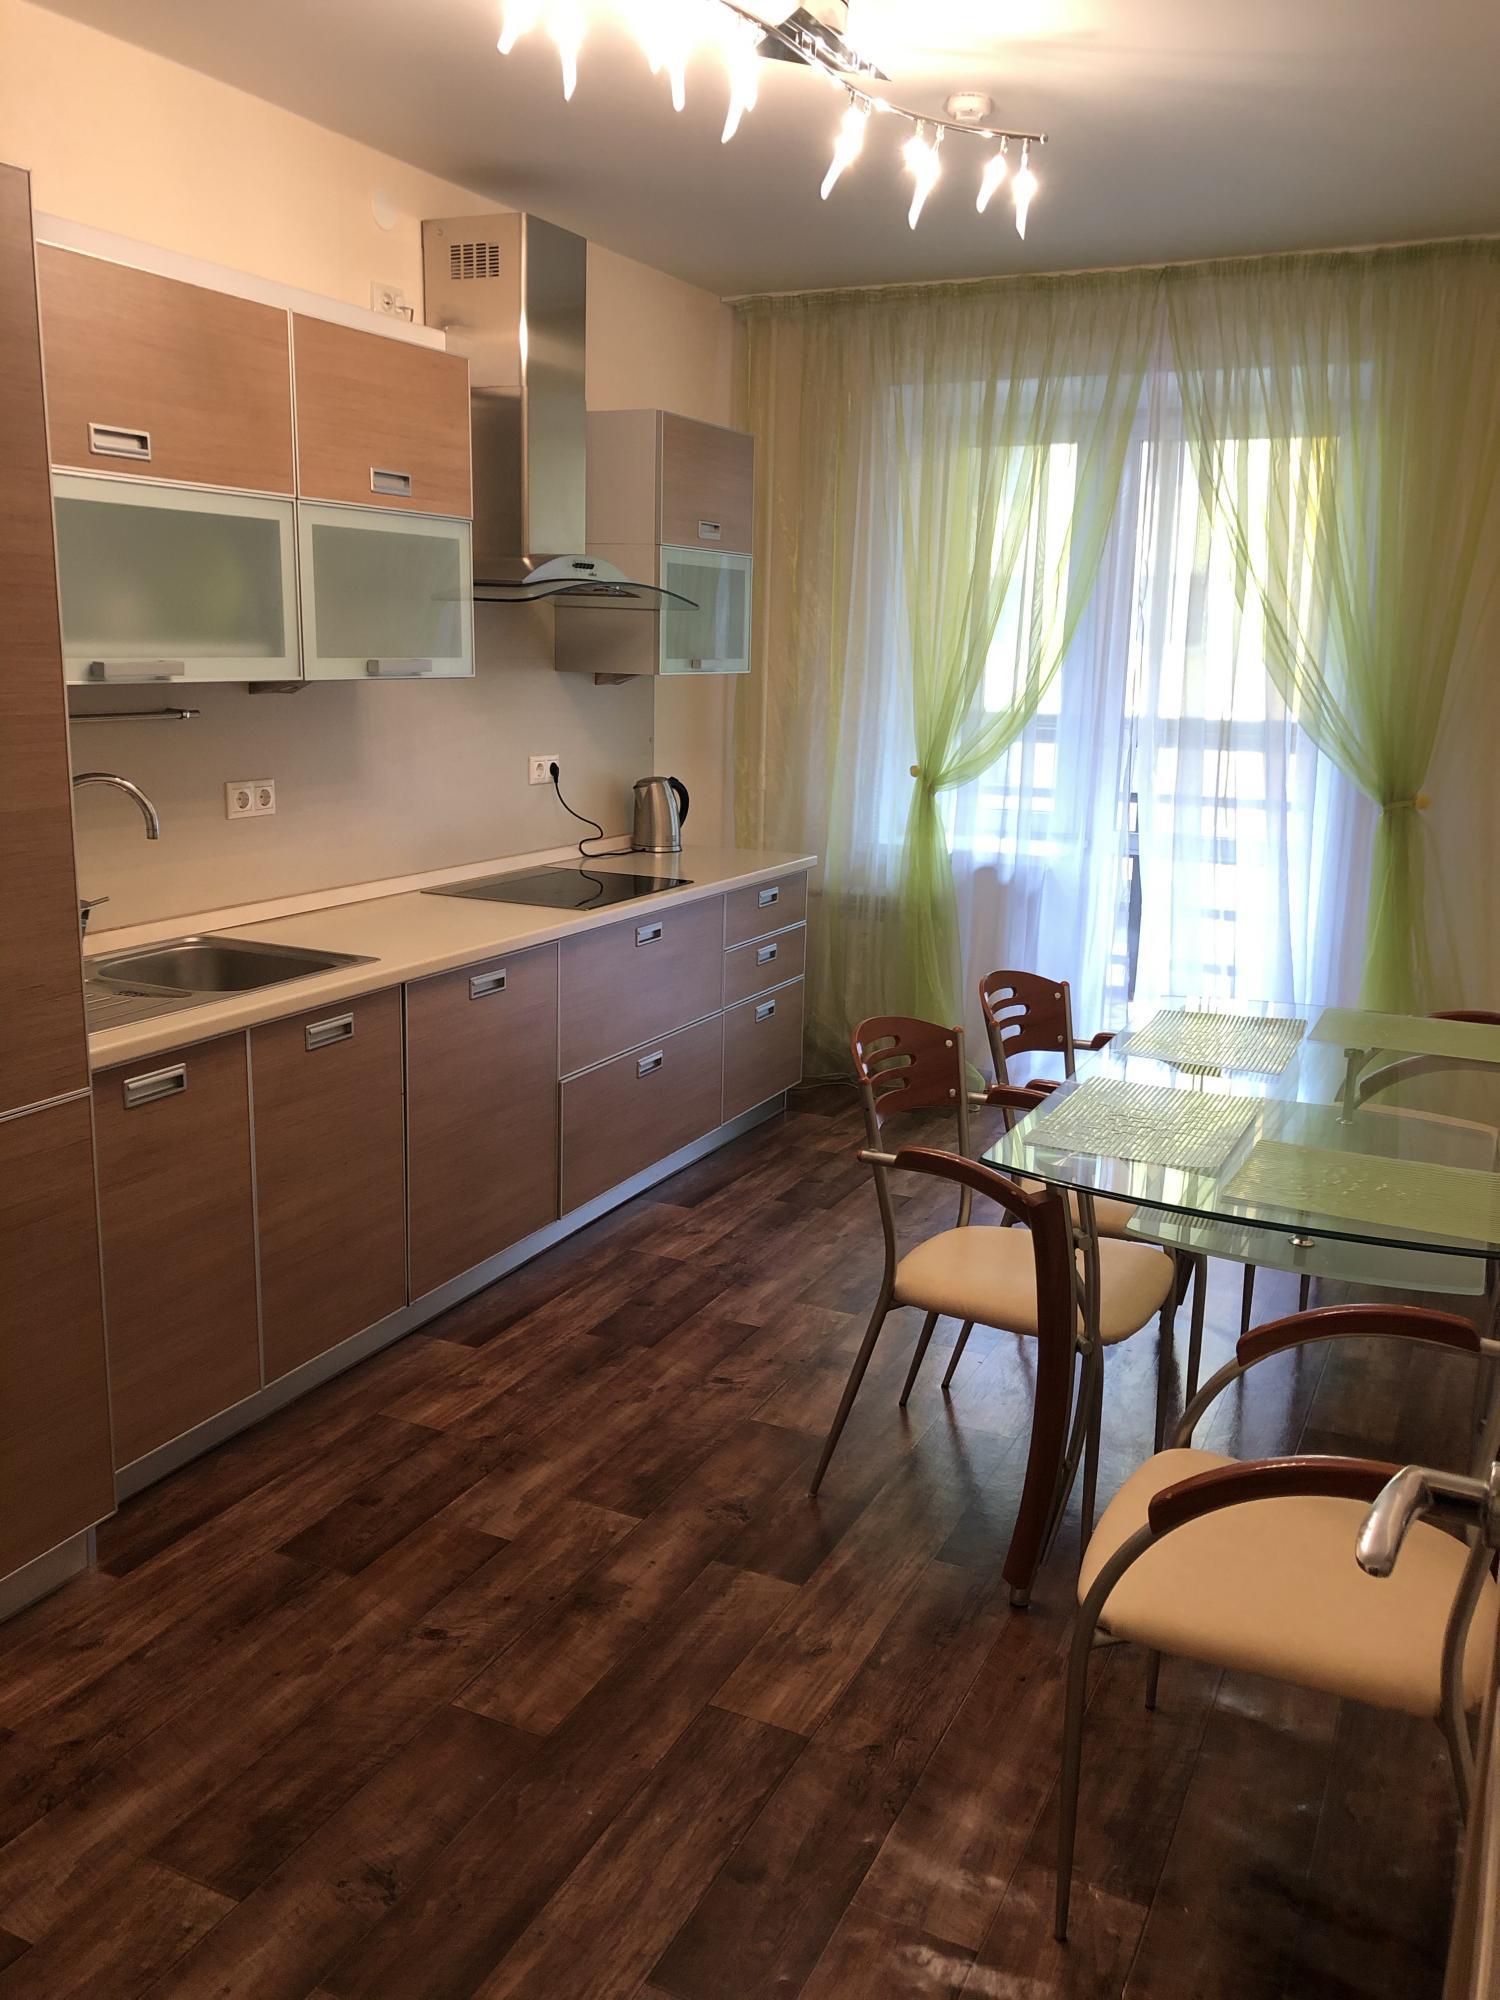 2к квартира Парусная улица, 7 | 35000 | аренда в Красноярске фото 4